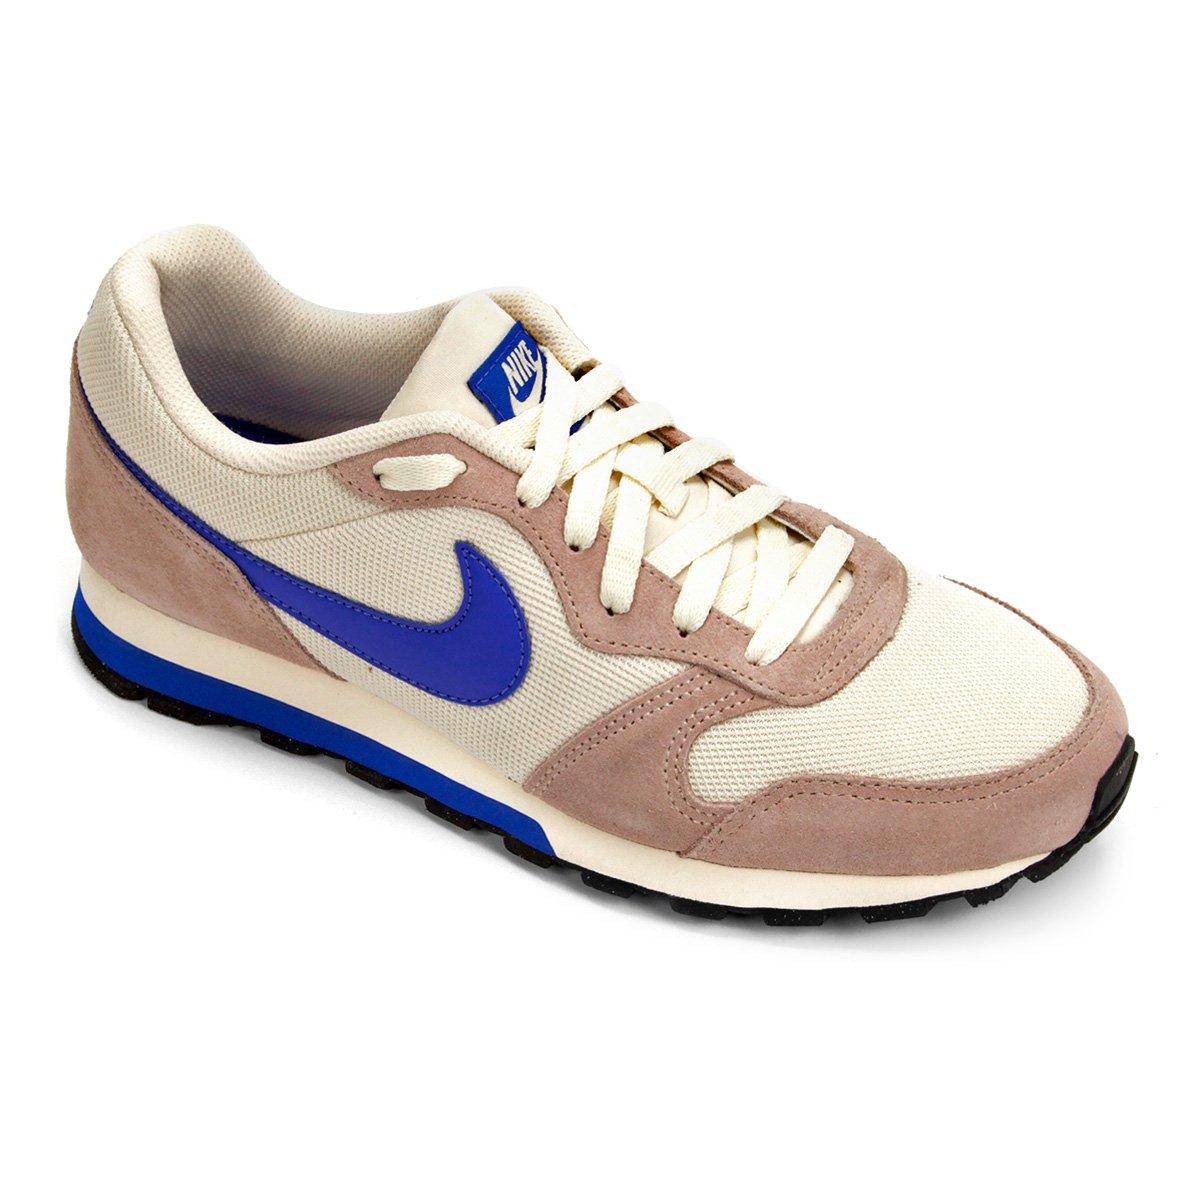 Tênis Nike Md Runner 2 Masculino - Azul Royal - Compre Agora  d6fdb109cd3a7